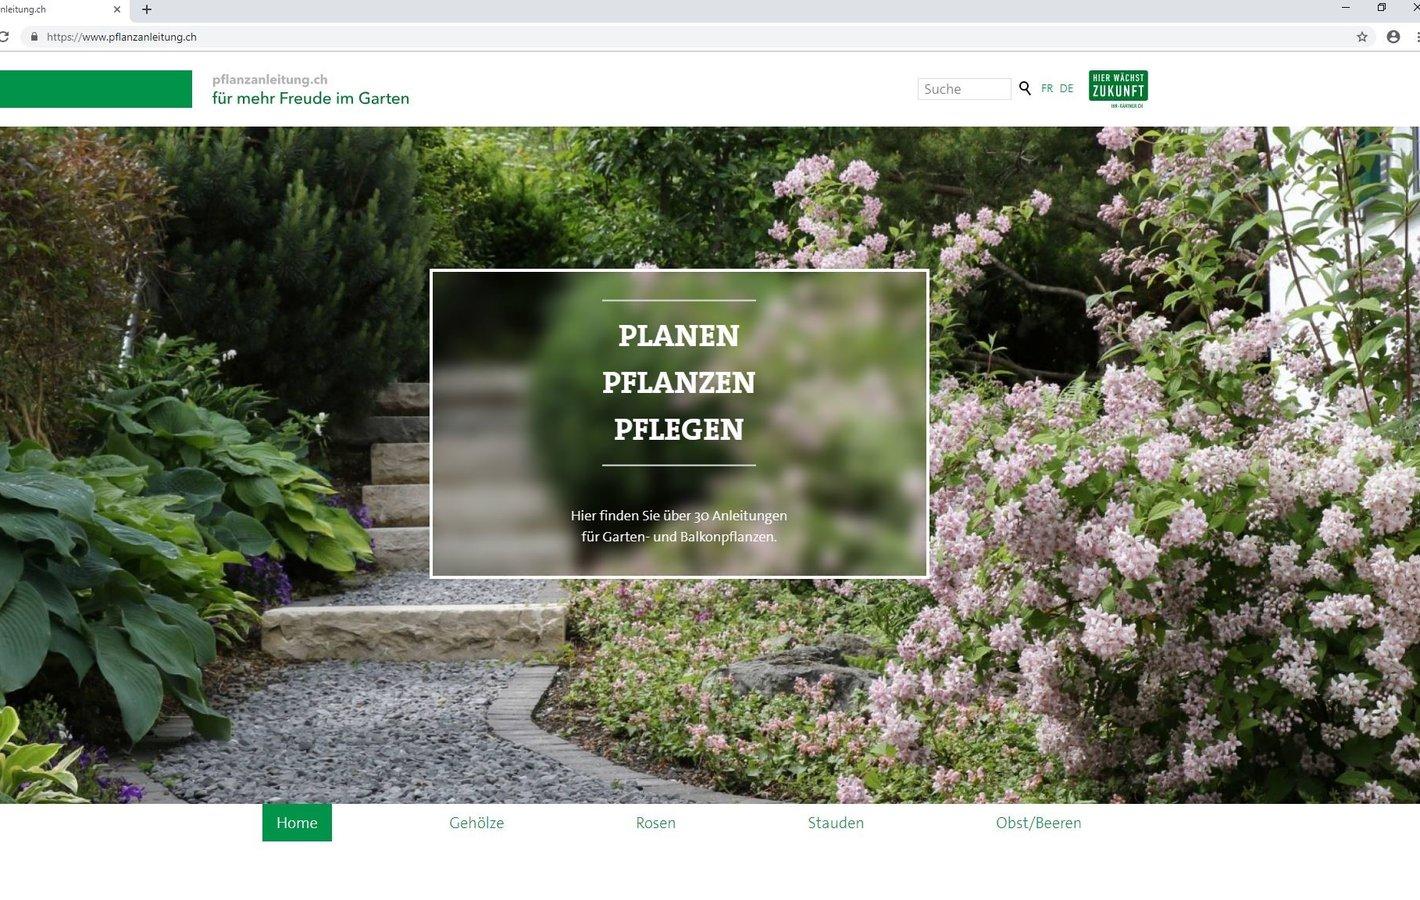 Einstieg Pflanzanleitung.ch